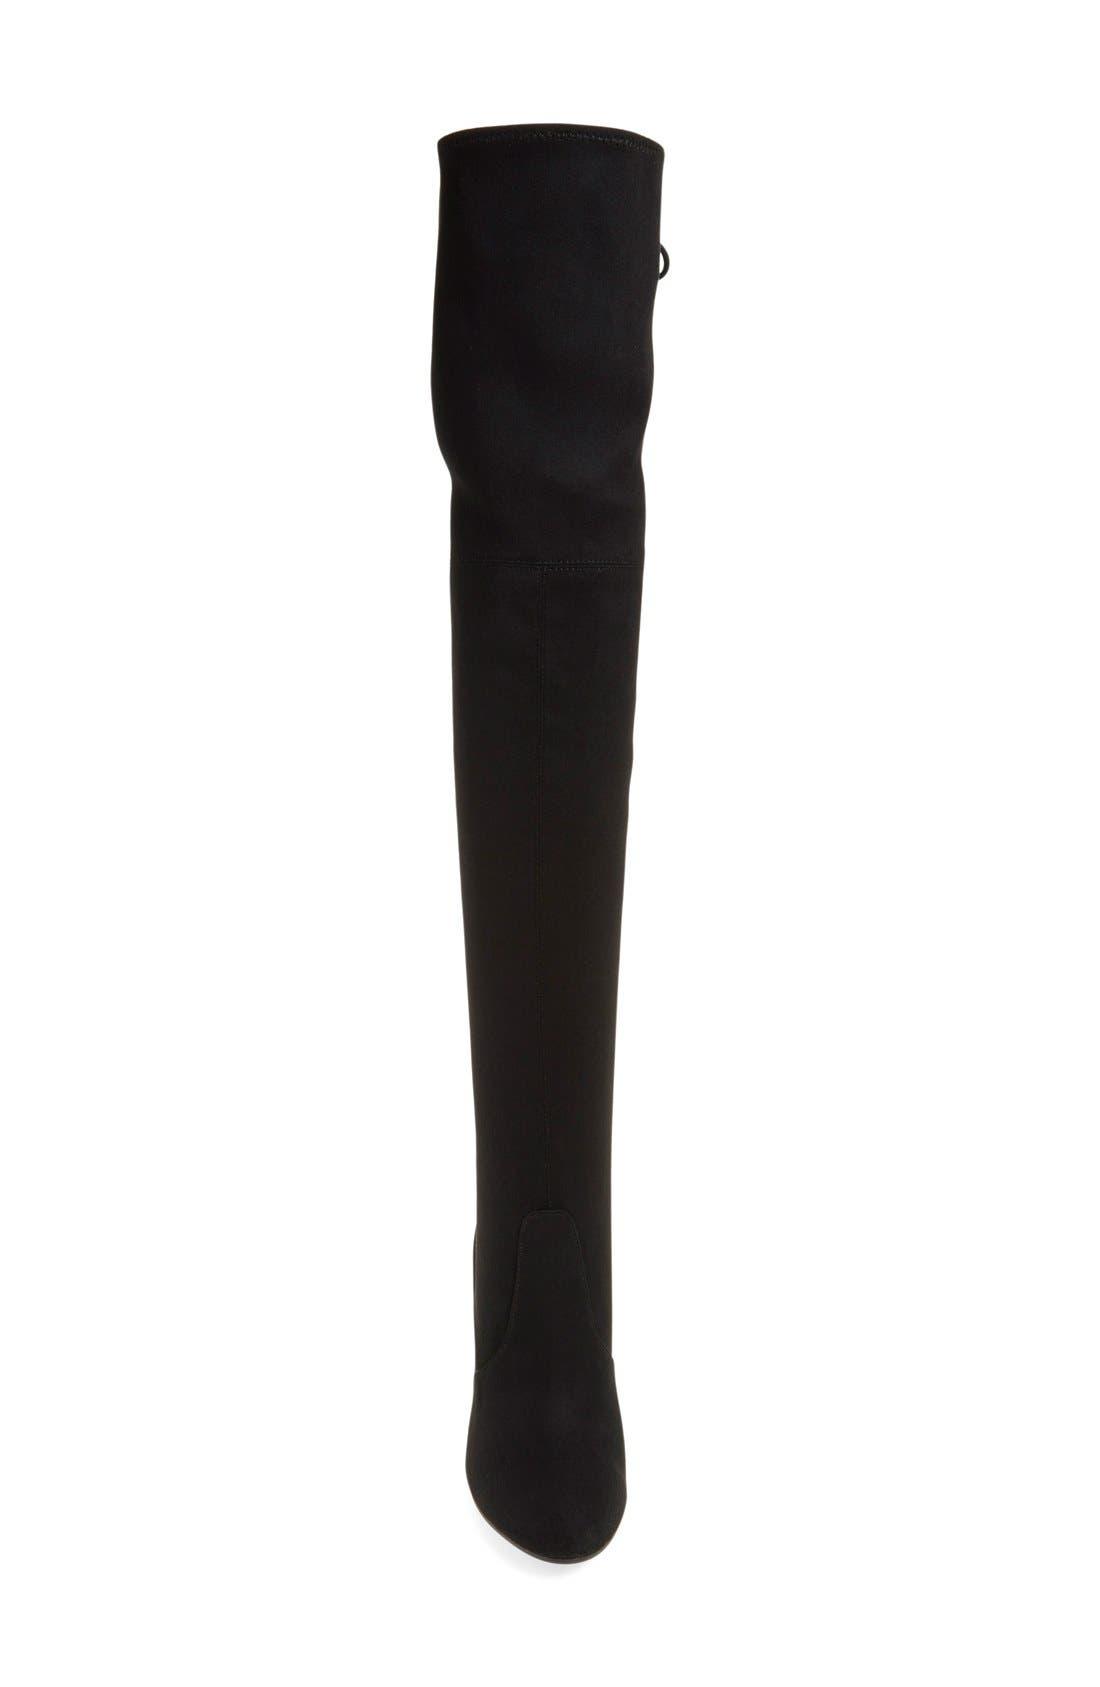 Alternate Image 3  - Steve Madden 'Gleemer' Over the Knee Boot (Women)